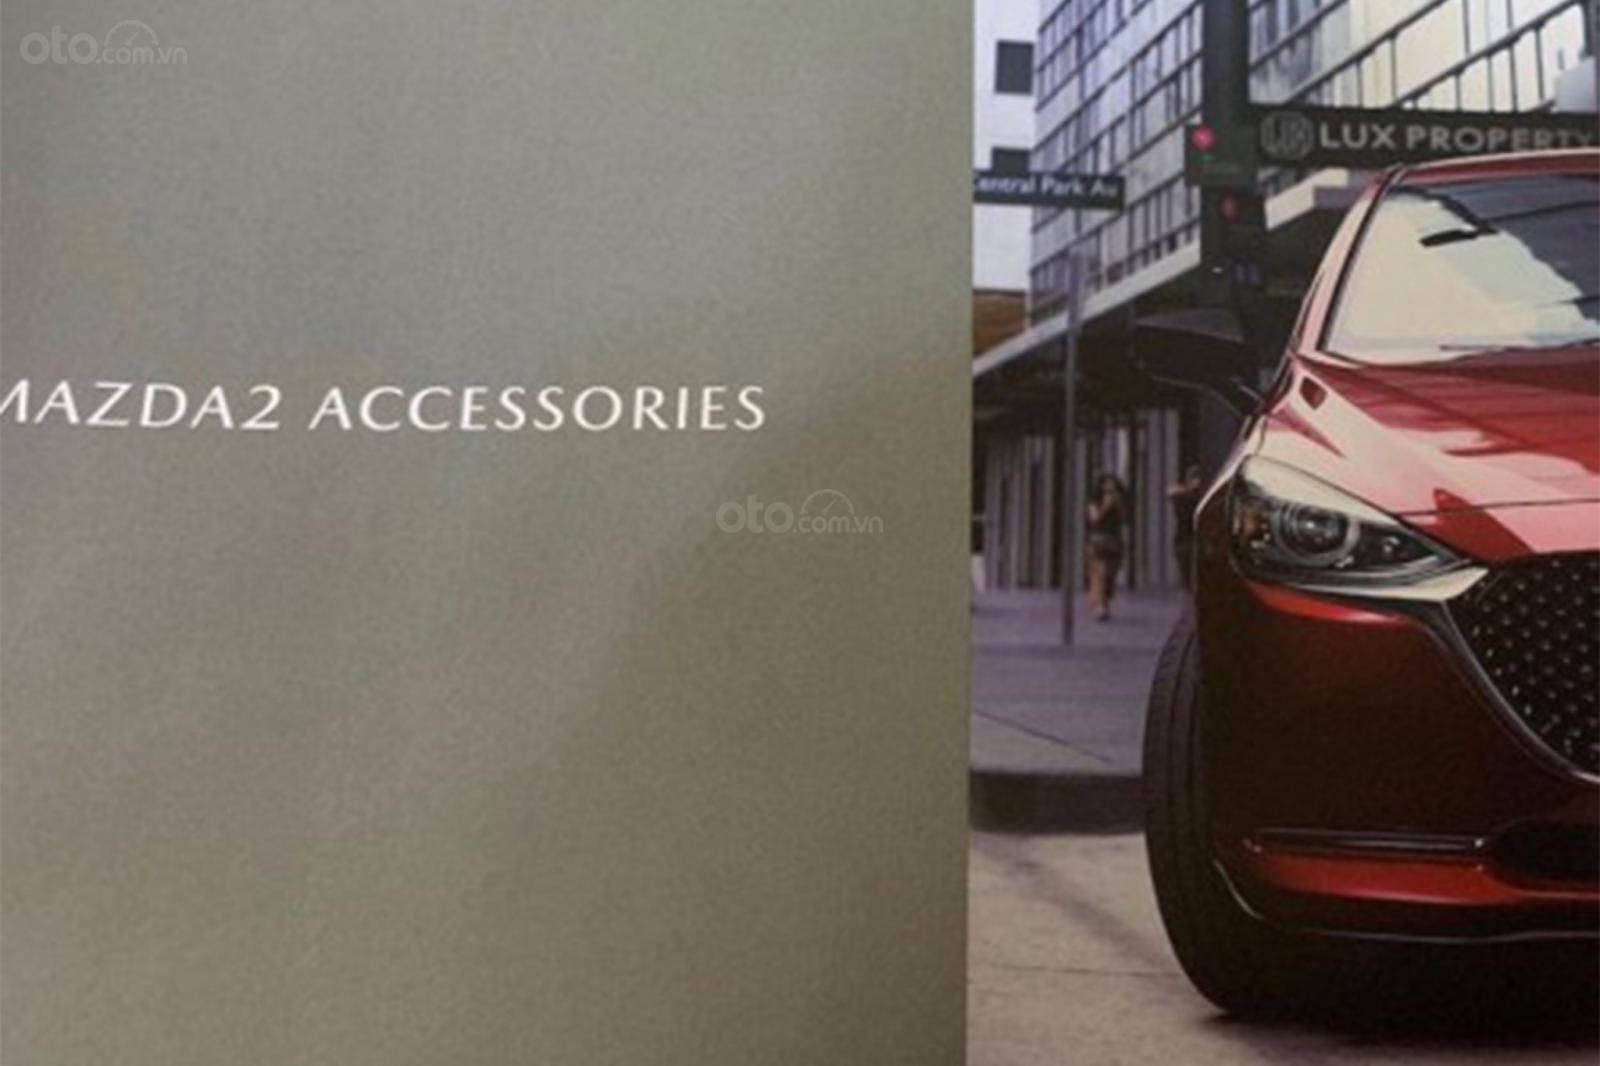 Rò rỉ hình ảnh của Mazda 2 2020 facelift